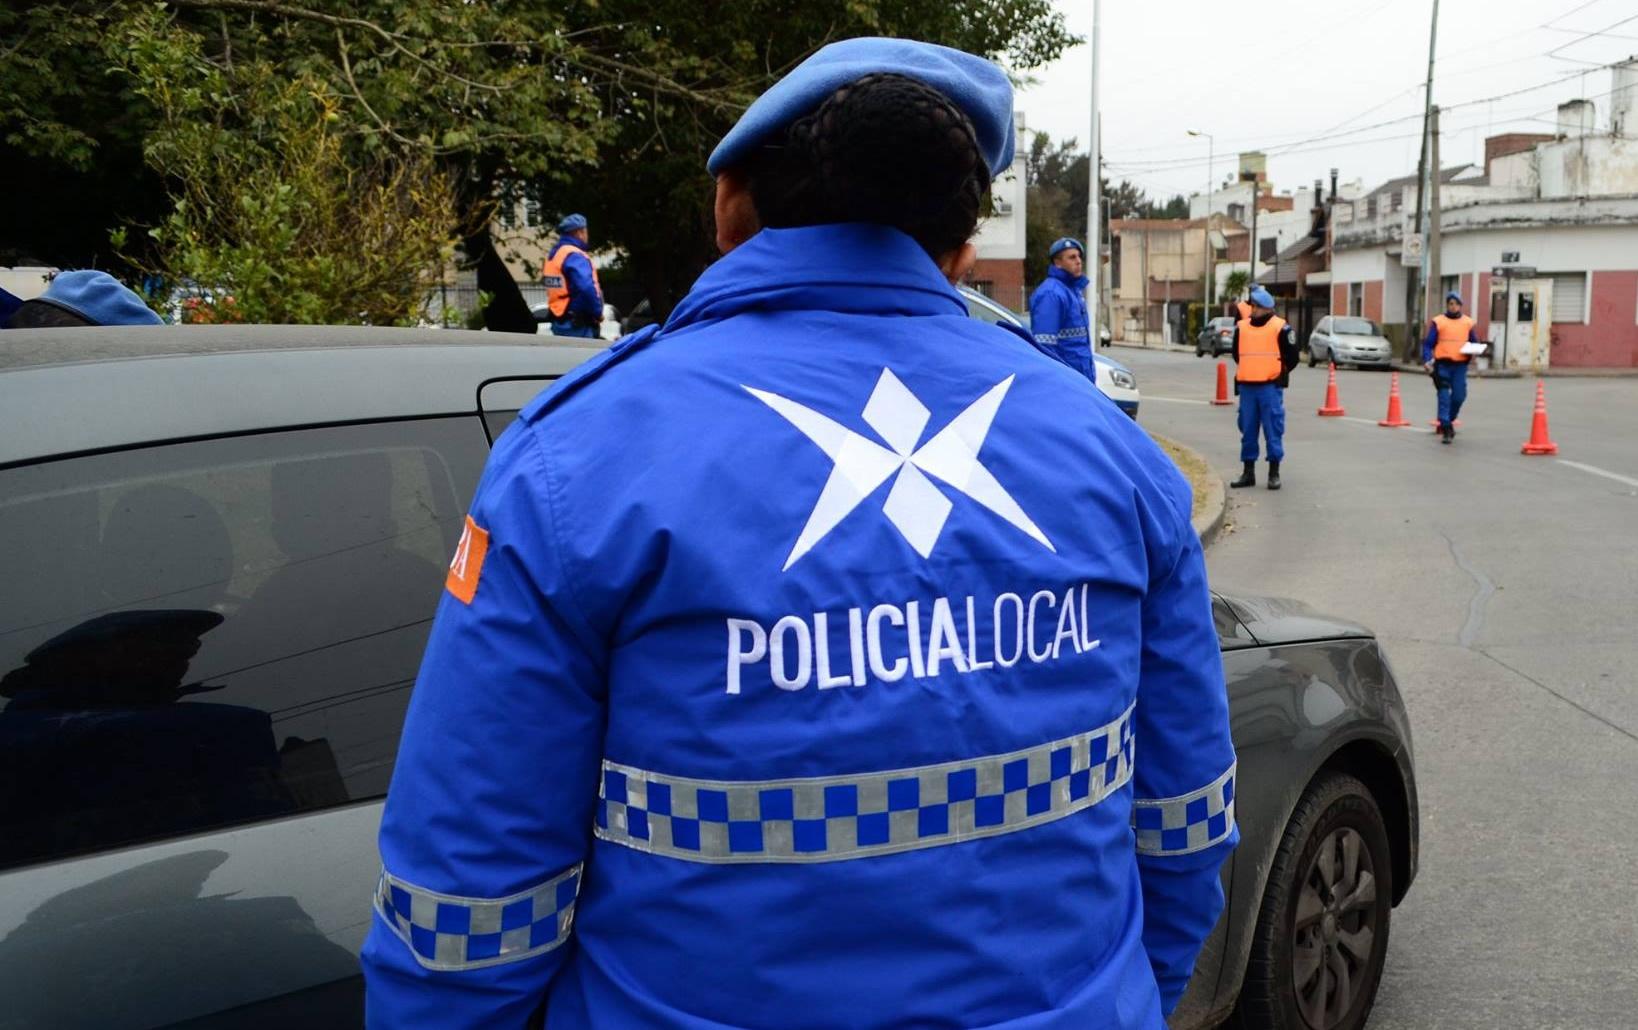 """El jefe de la Policía Local, Javier Villaba, contó cómo está trabajando la fuerza a su cargo y detalló que """"empezó a funcionar hace dos meses"""" en la ciudad, porque previamente los uniformados """"fueron a cubrir el Operativo Sol""""."""